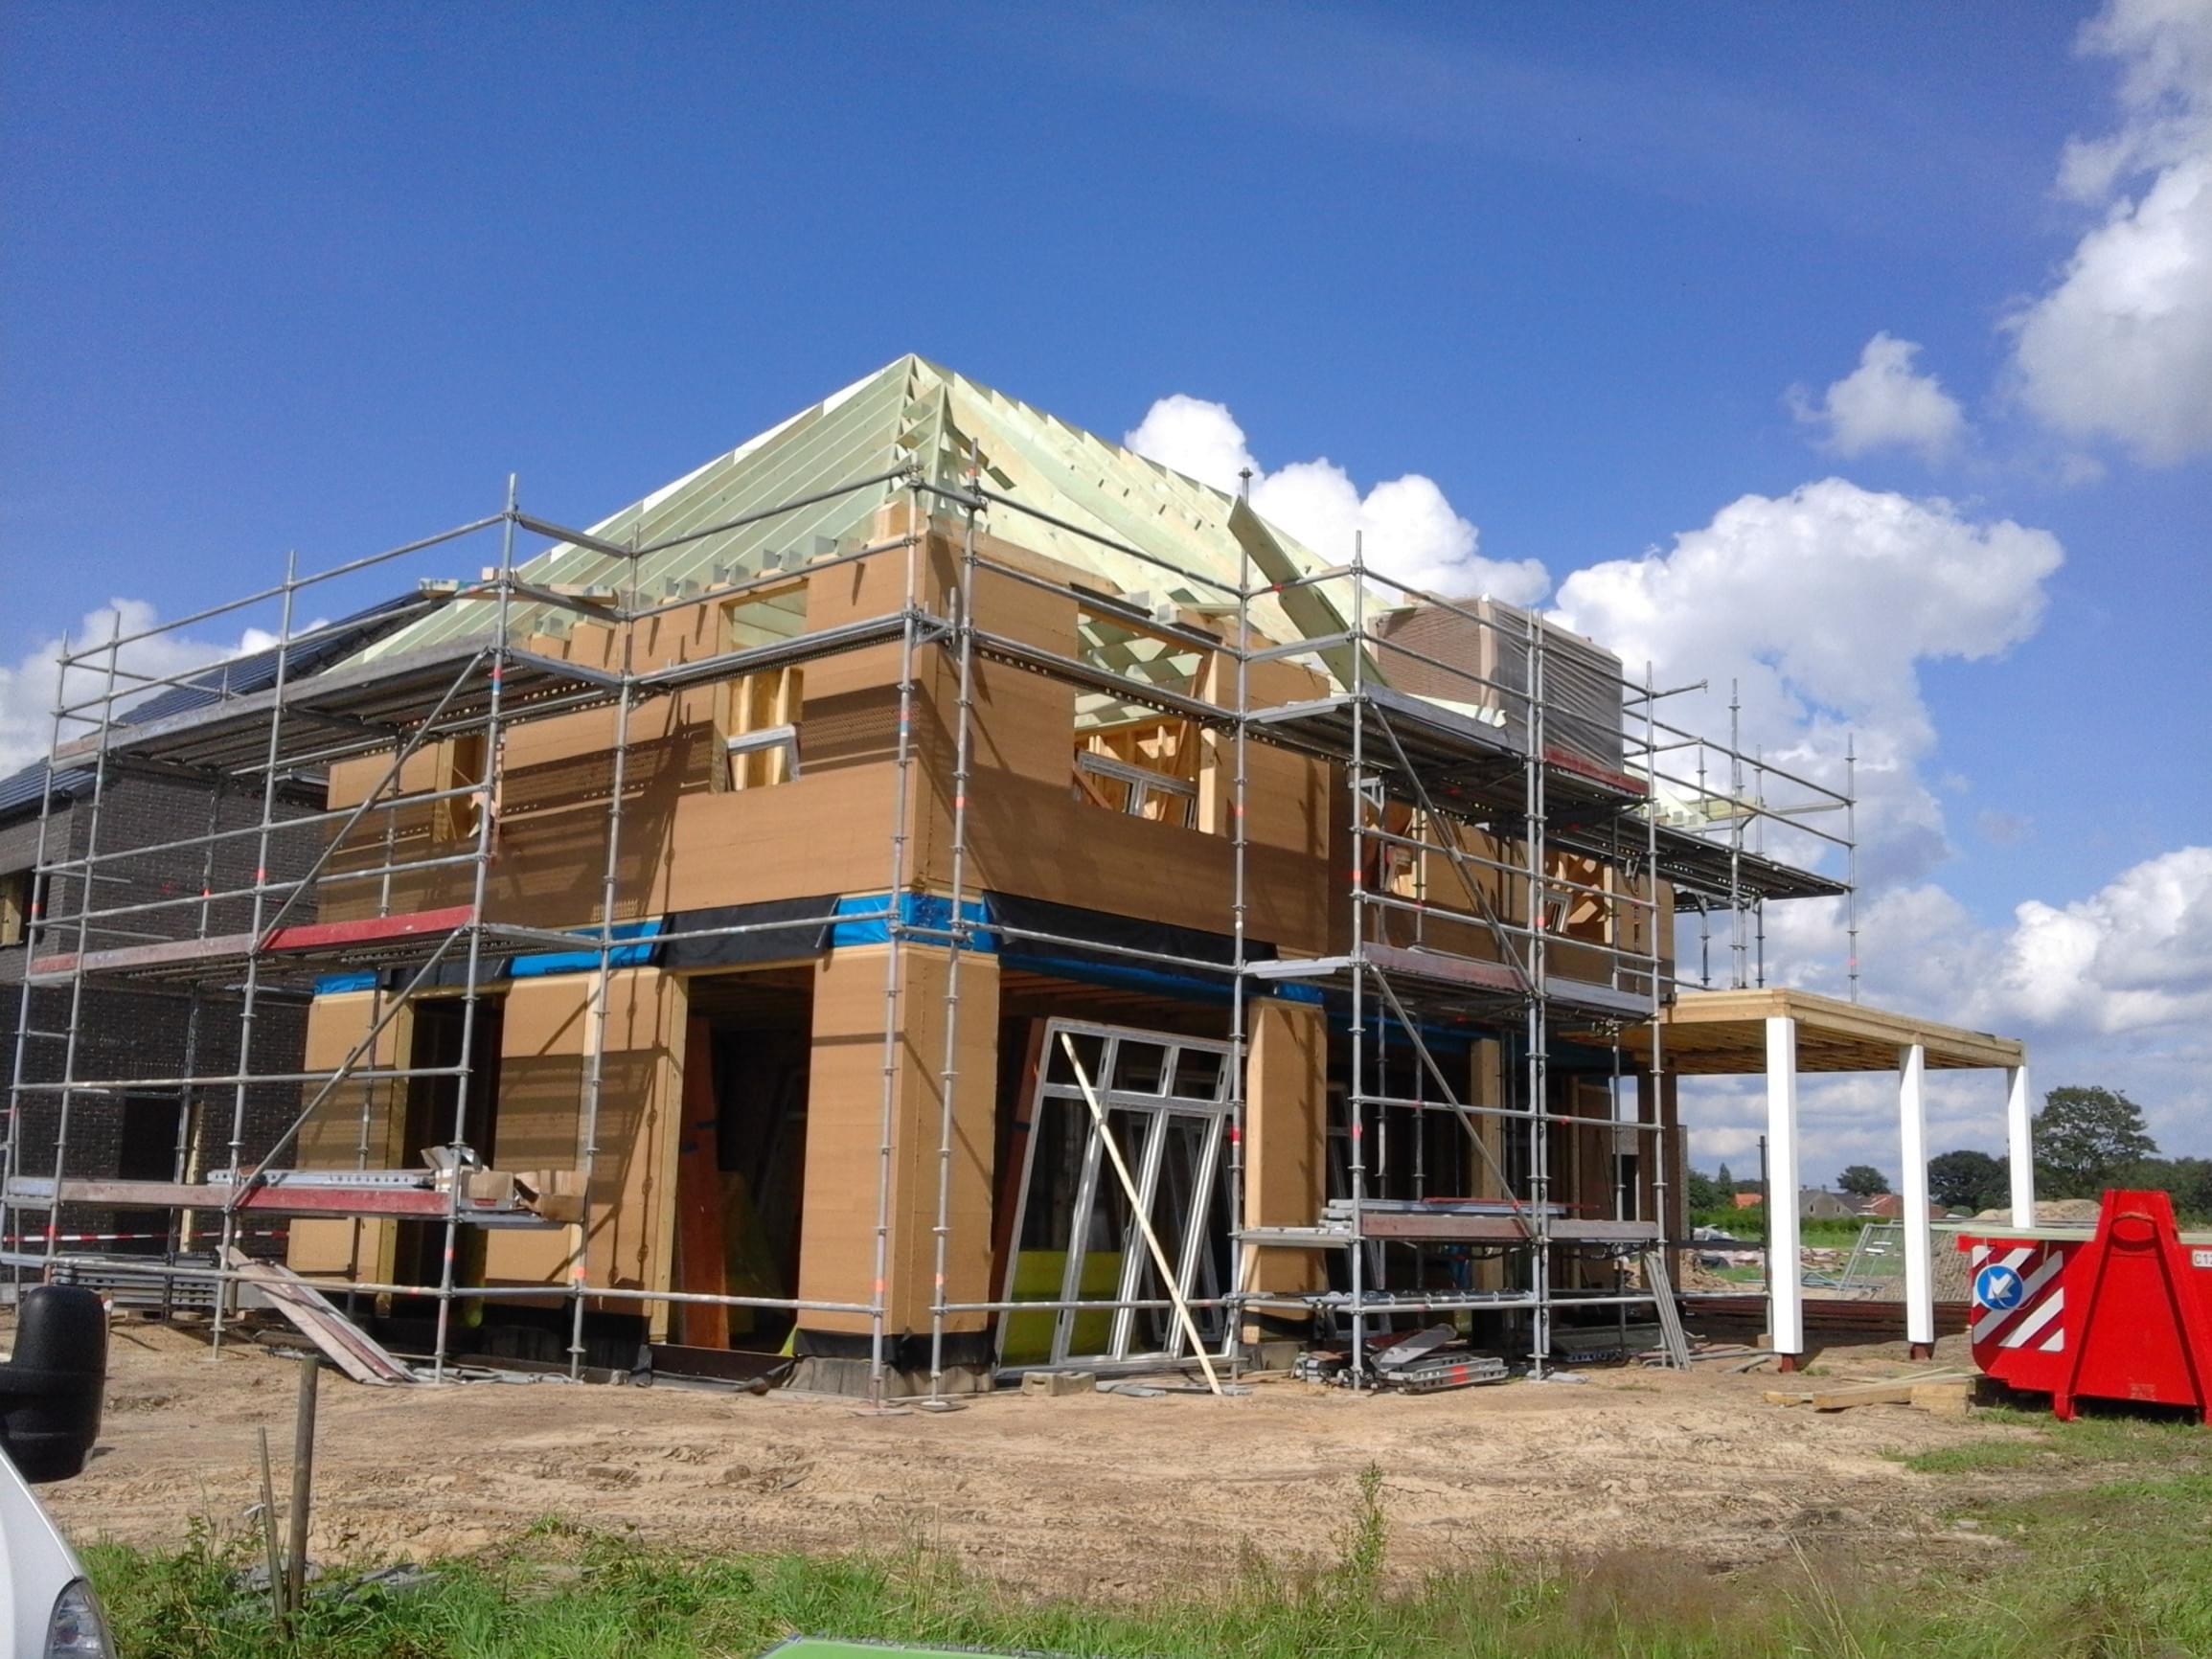 16219-5-nieuwbouwzondag-arkana-ben-woning-in-houtskeletbouw